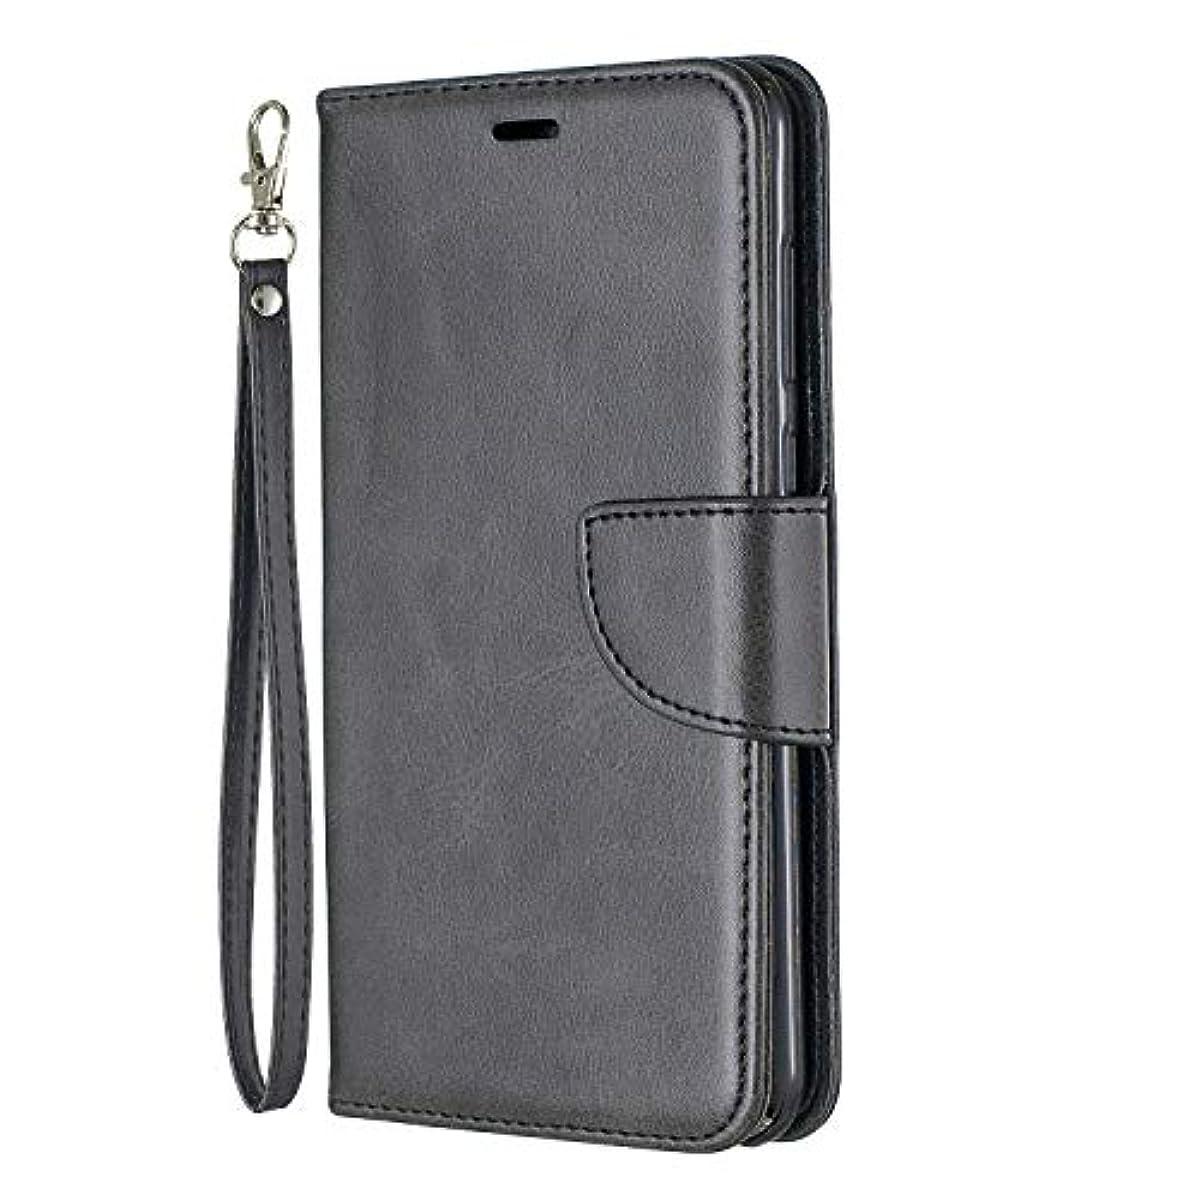 有彩色の動物おしゃれじゃないLomogo Huawei Mate10 Lite ケース 手帳型 耐衝撃 レザーケース 財布型 カードポケット スタンド機能 マグネット式 ファーウェイMate10lite 手帳型ケース カバー 人気 - LOBFE150283 黒